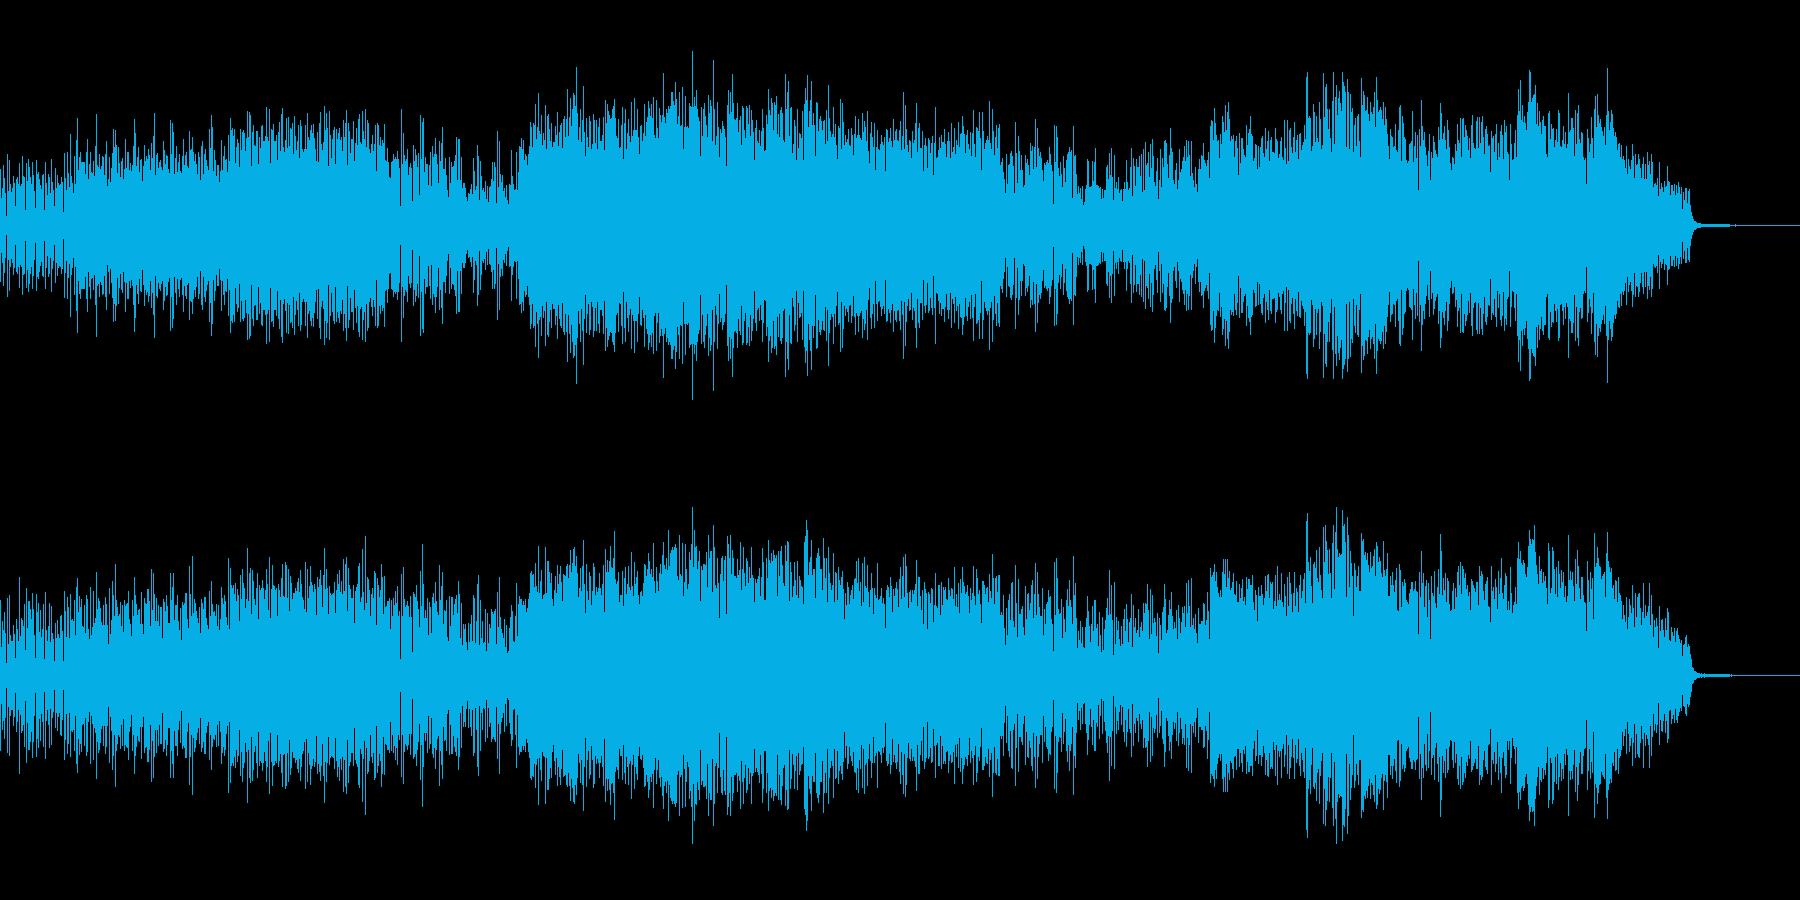 重低音で激しく幻想的なテクノの再生済みの波形